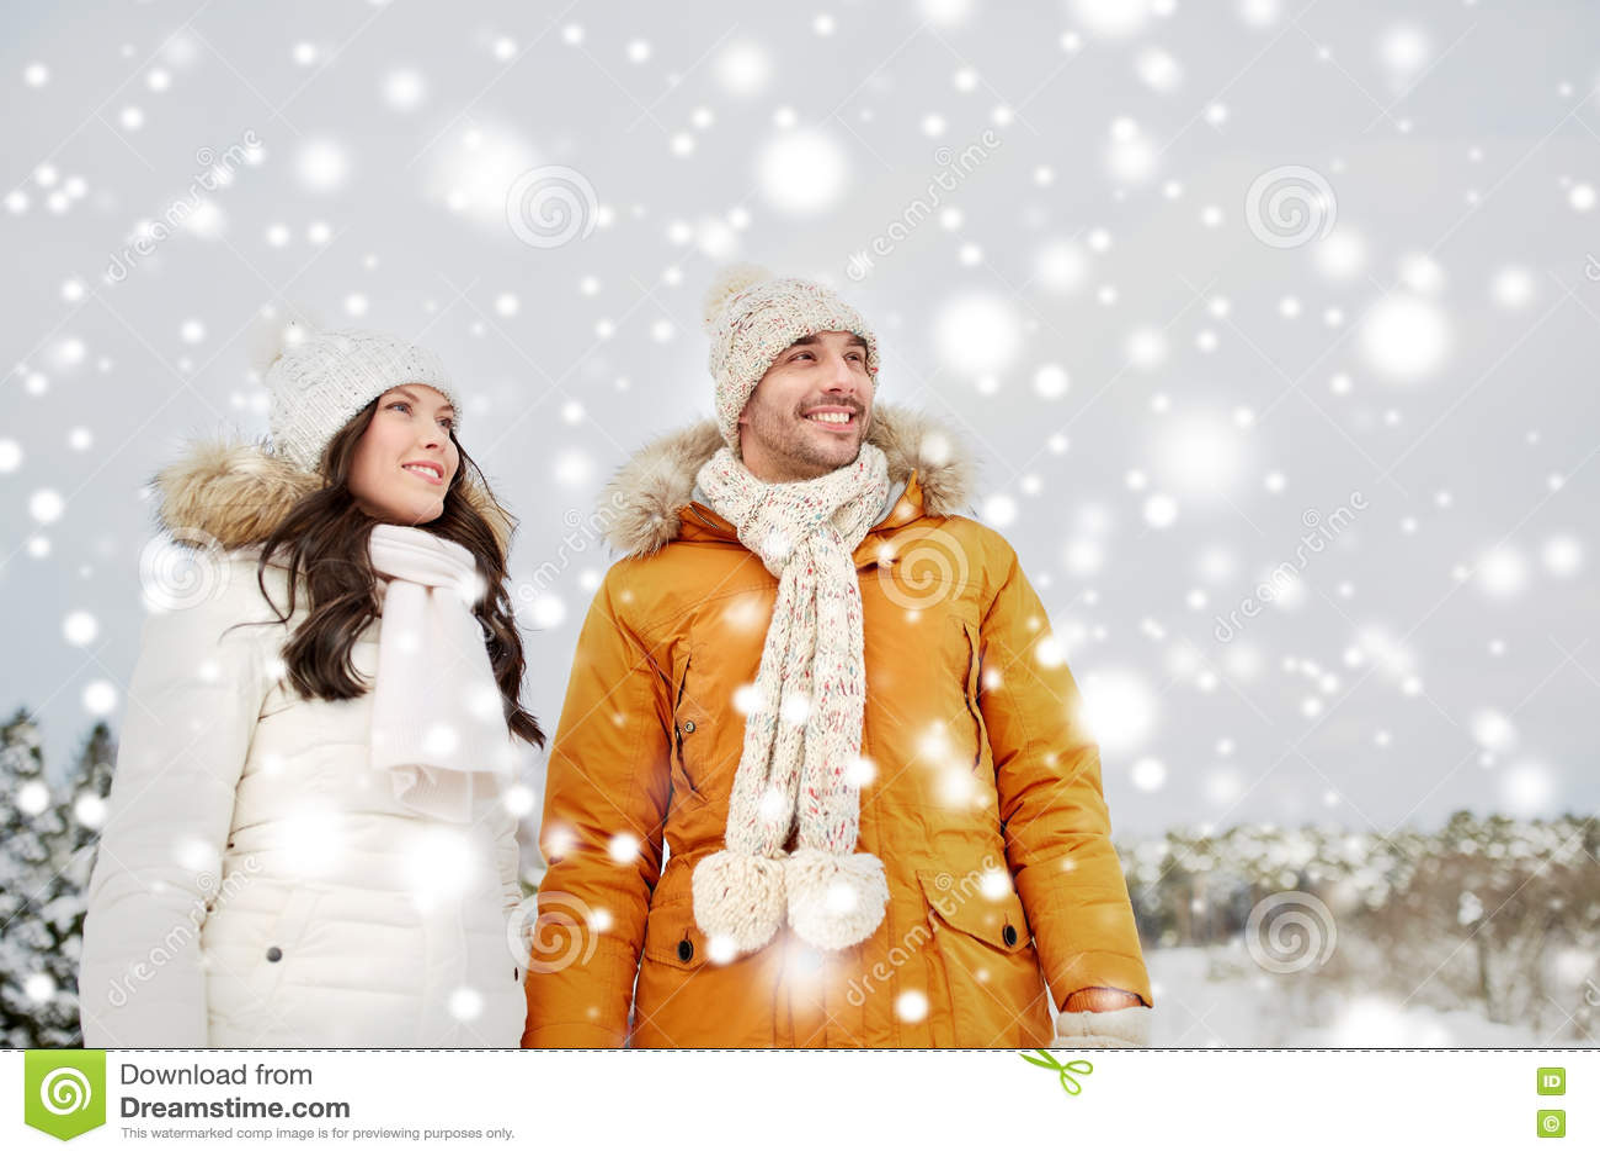 Ευτυχές ζεύγος που περπατά πέρα από το χειμερινό υπόβαθρο